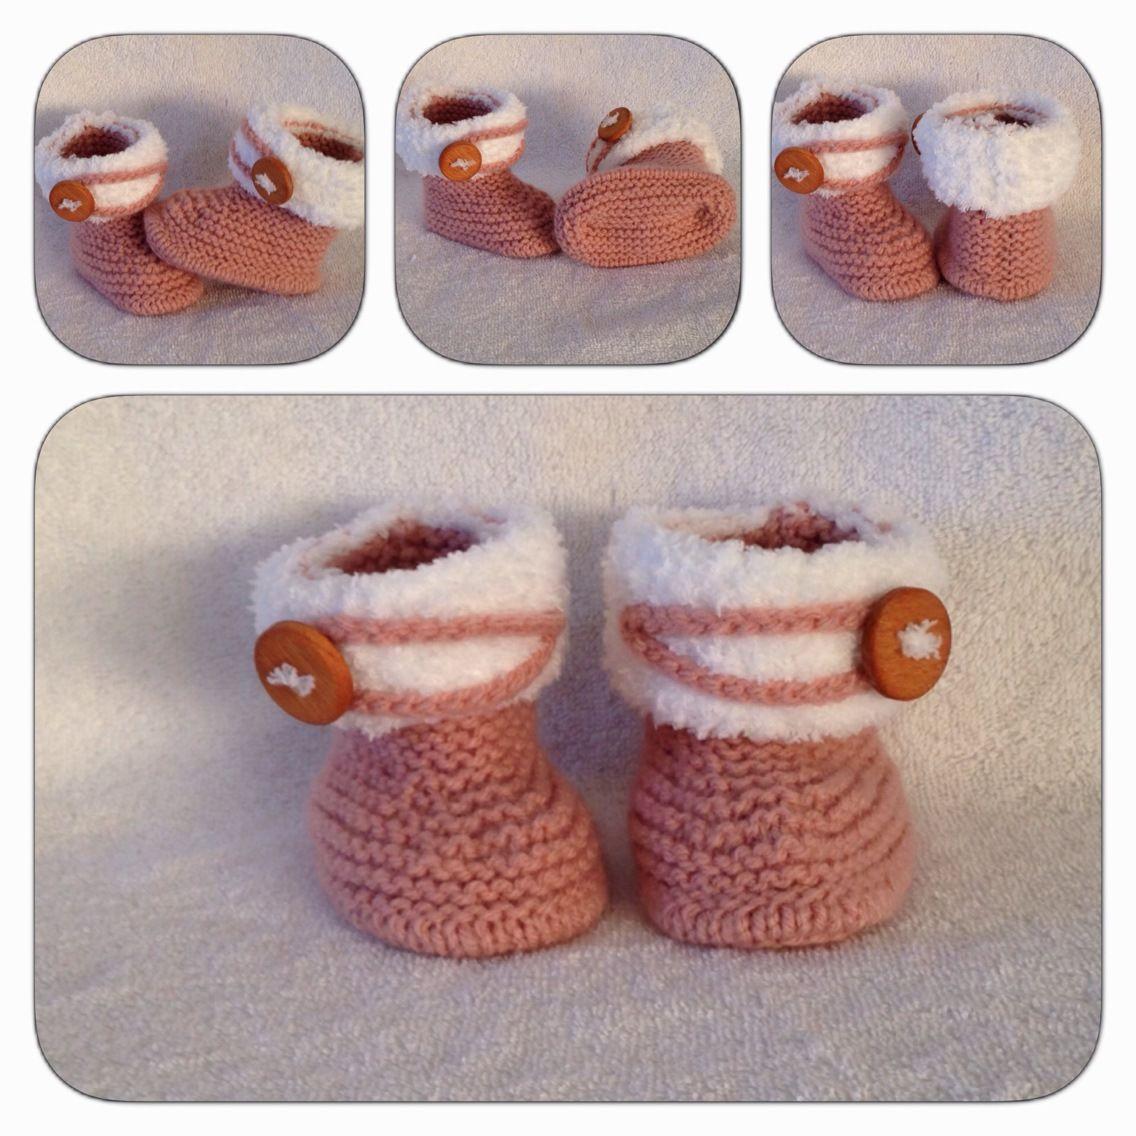 Petits bottines vieux rose et blanc taille 1/3 mois : Mode Bébé par tricoco